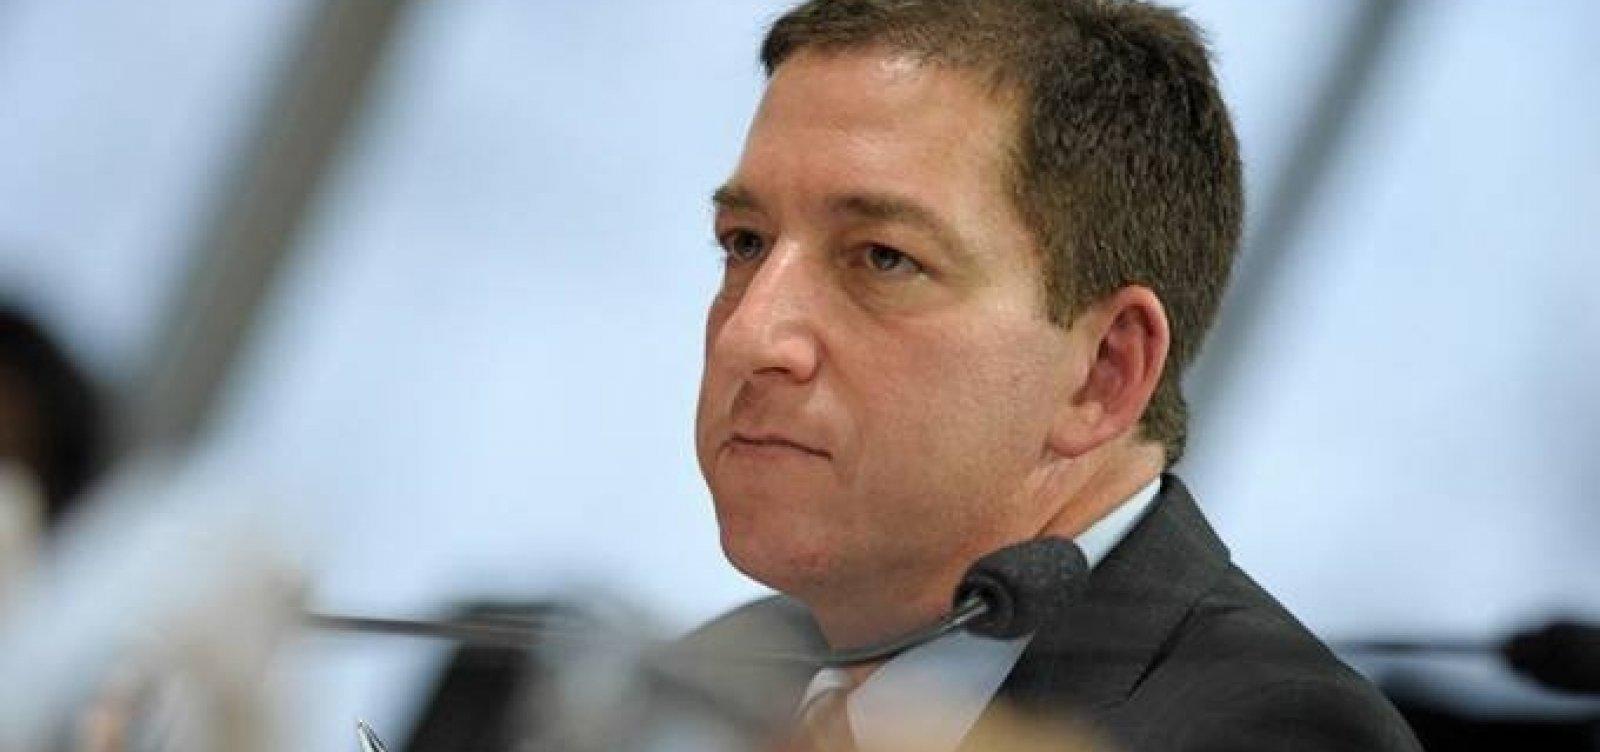 ['Denúncia é tentativa óbvia de atacar a imprensa livre', diz Glenn Greenwald]